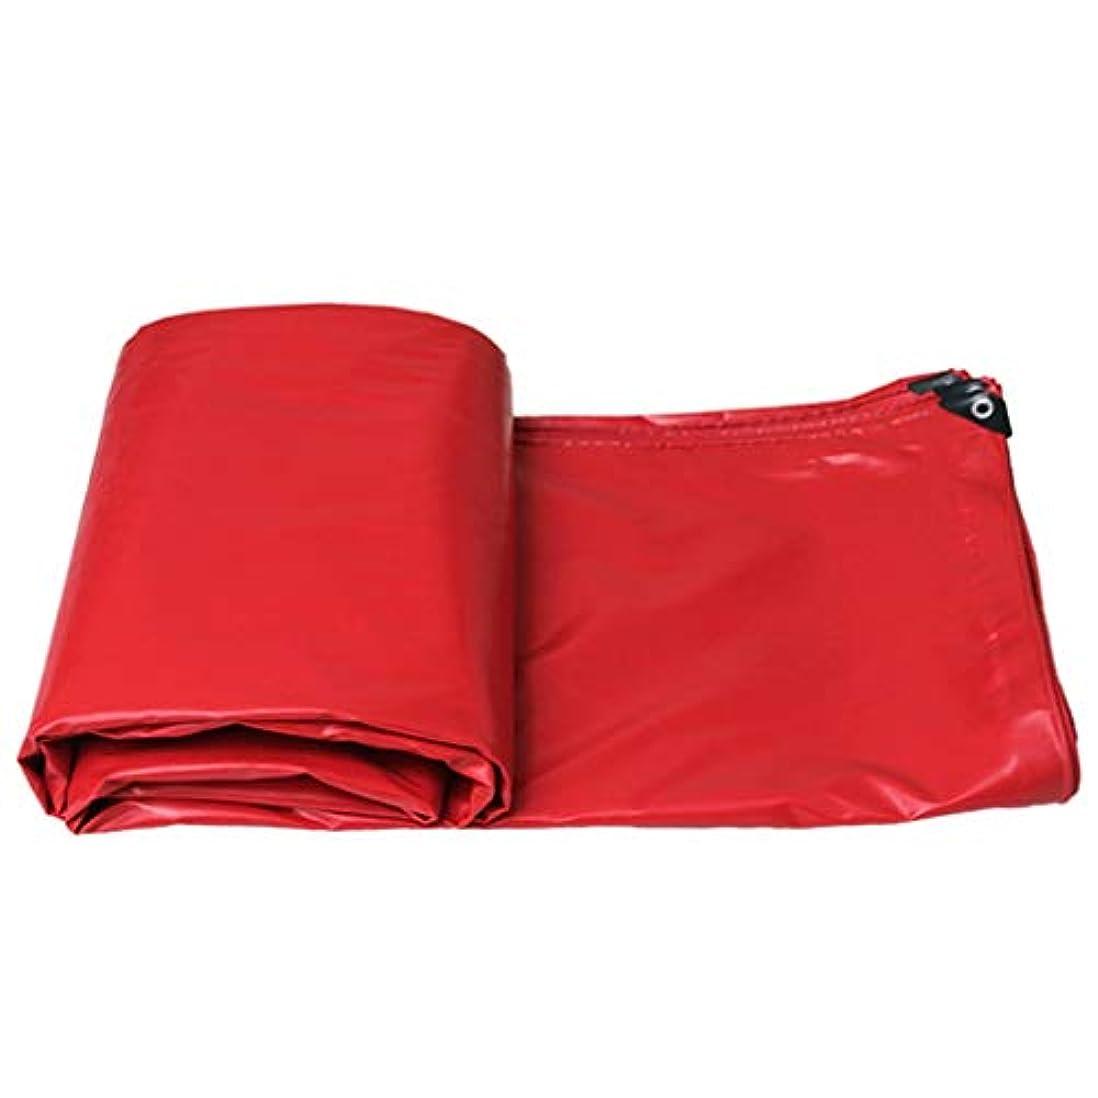 聞きます巨大な揺れる日よけ布厚い防水防雨屋外日よけ布油布日焼け止め布防水シートトラック防水シートキャンバス (Color : Red, Size : 3x6m)